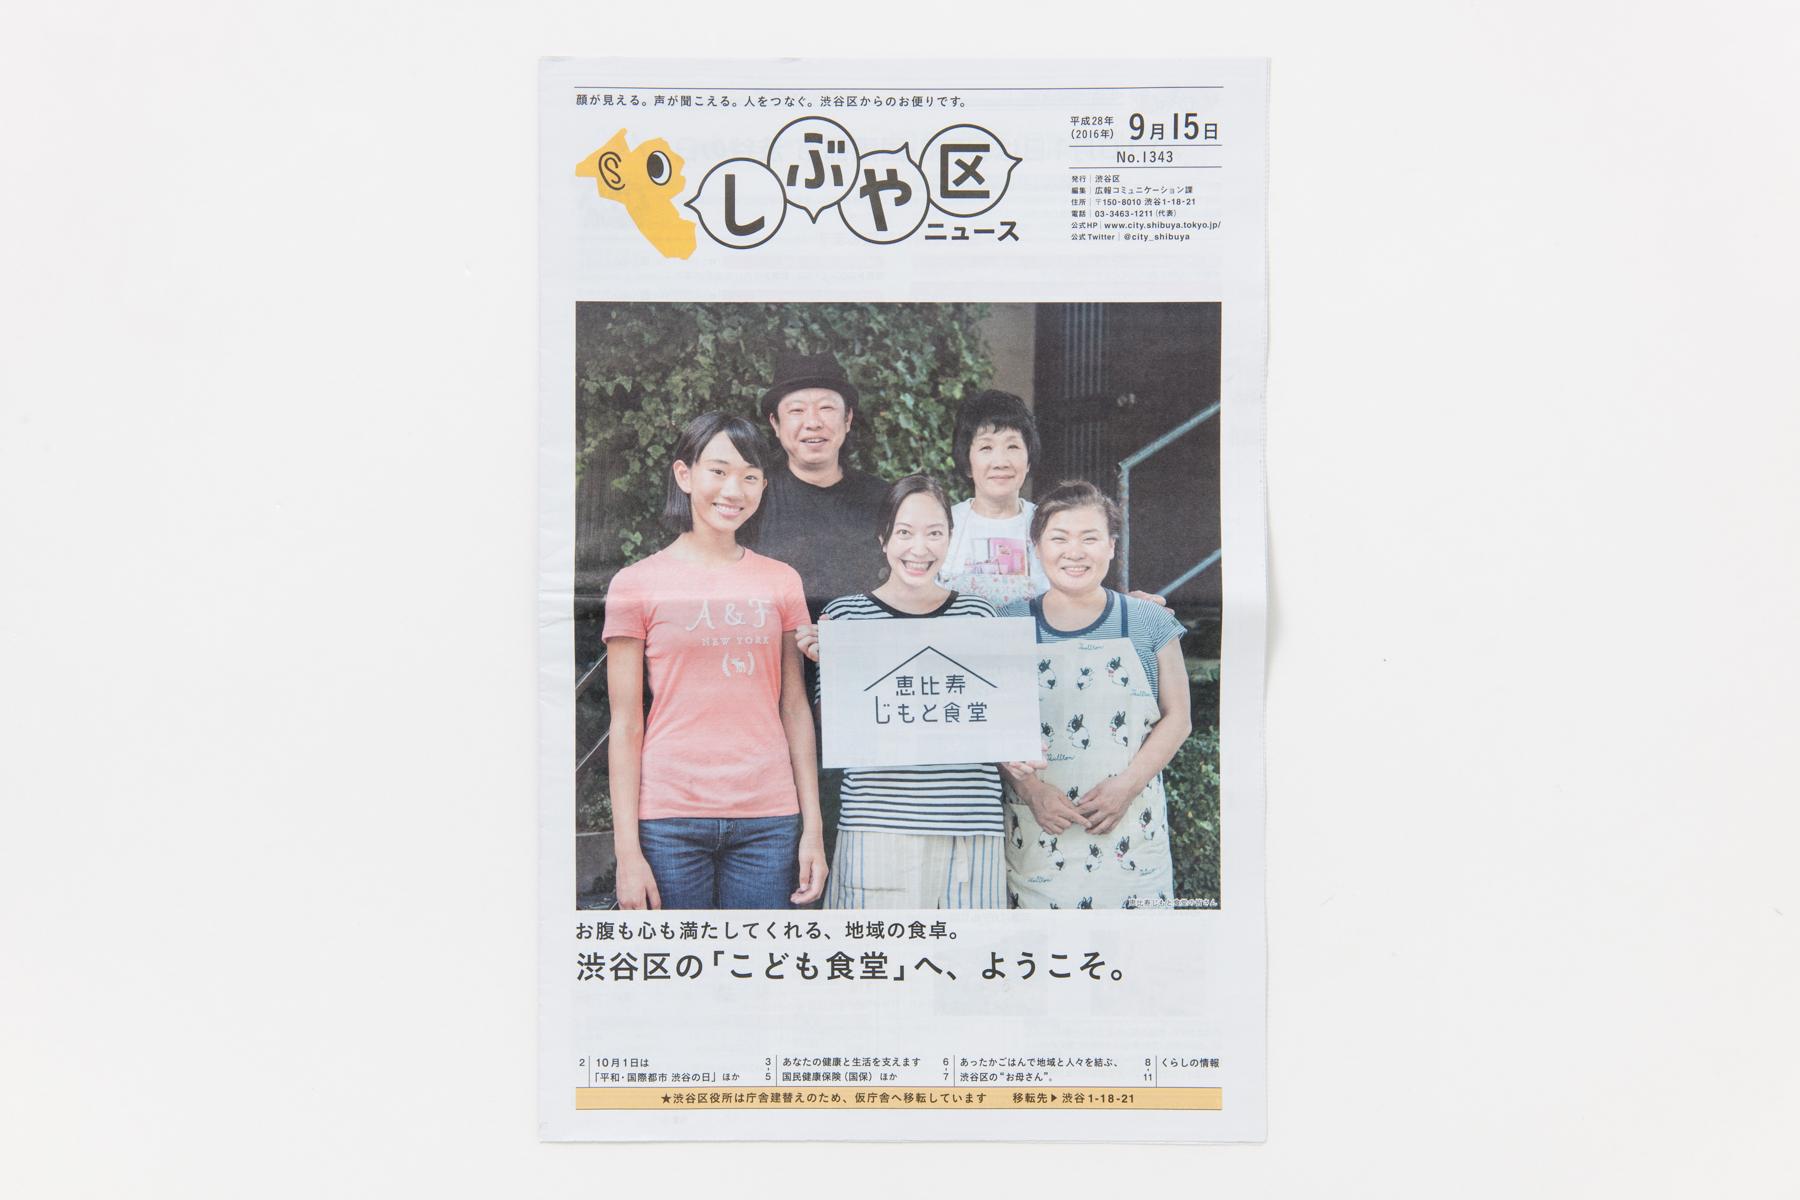 しぶや区ニュース 9月15日号 2016 photo:TADA